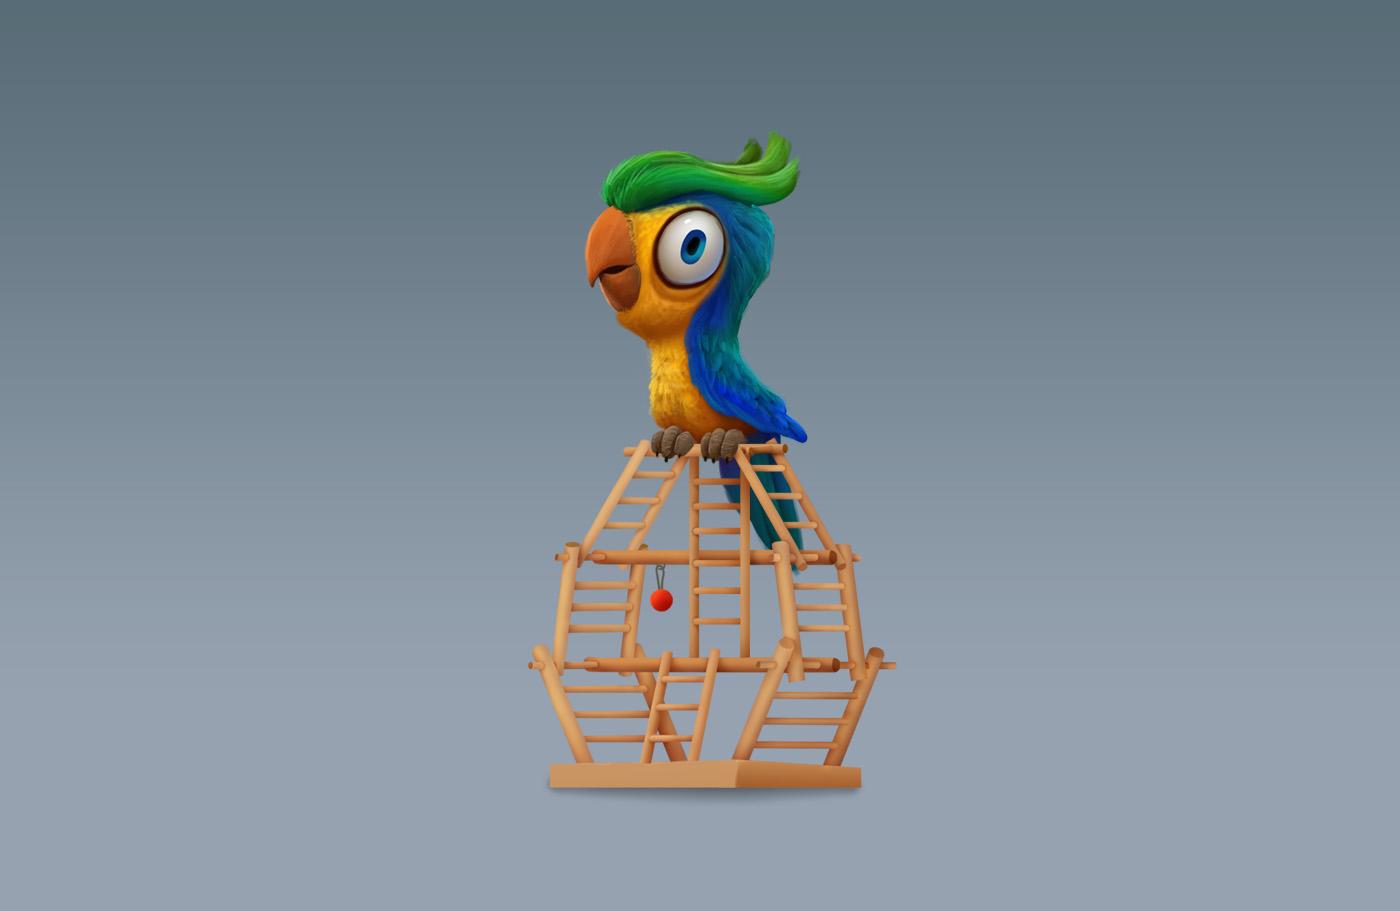 Создать концепции уникальных персонажей фото f_37759cd454da4e39.jpg